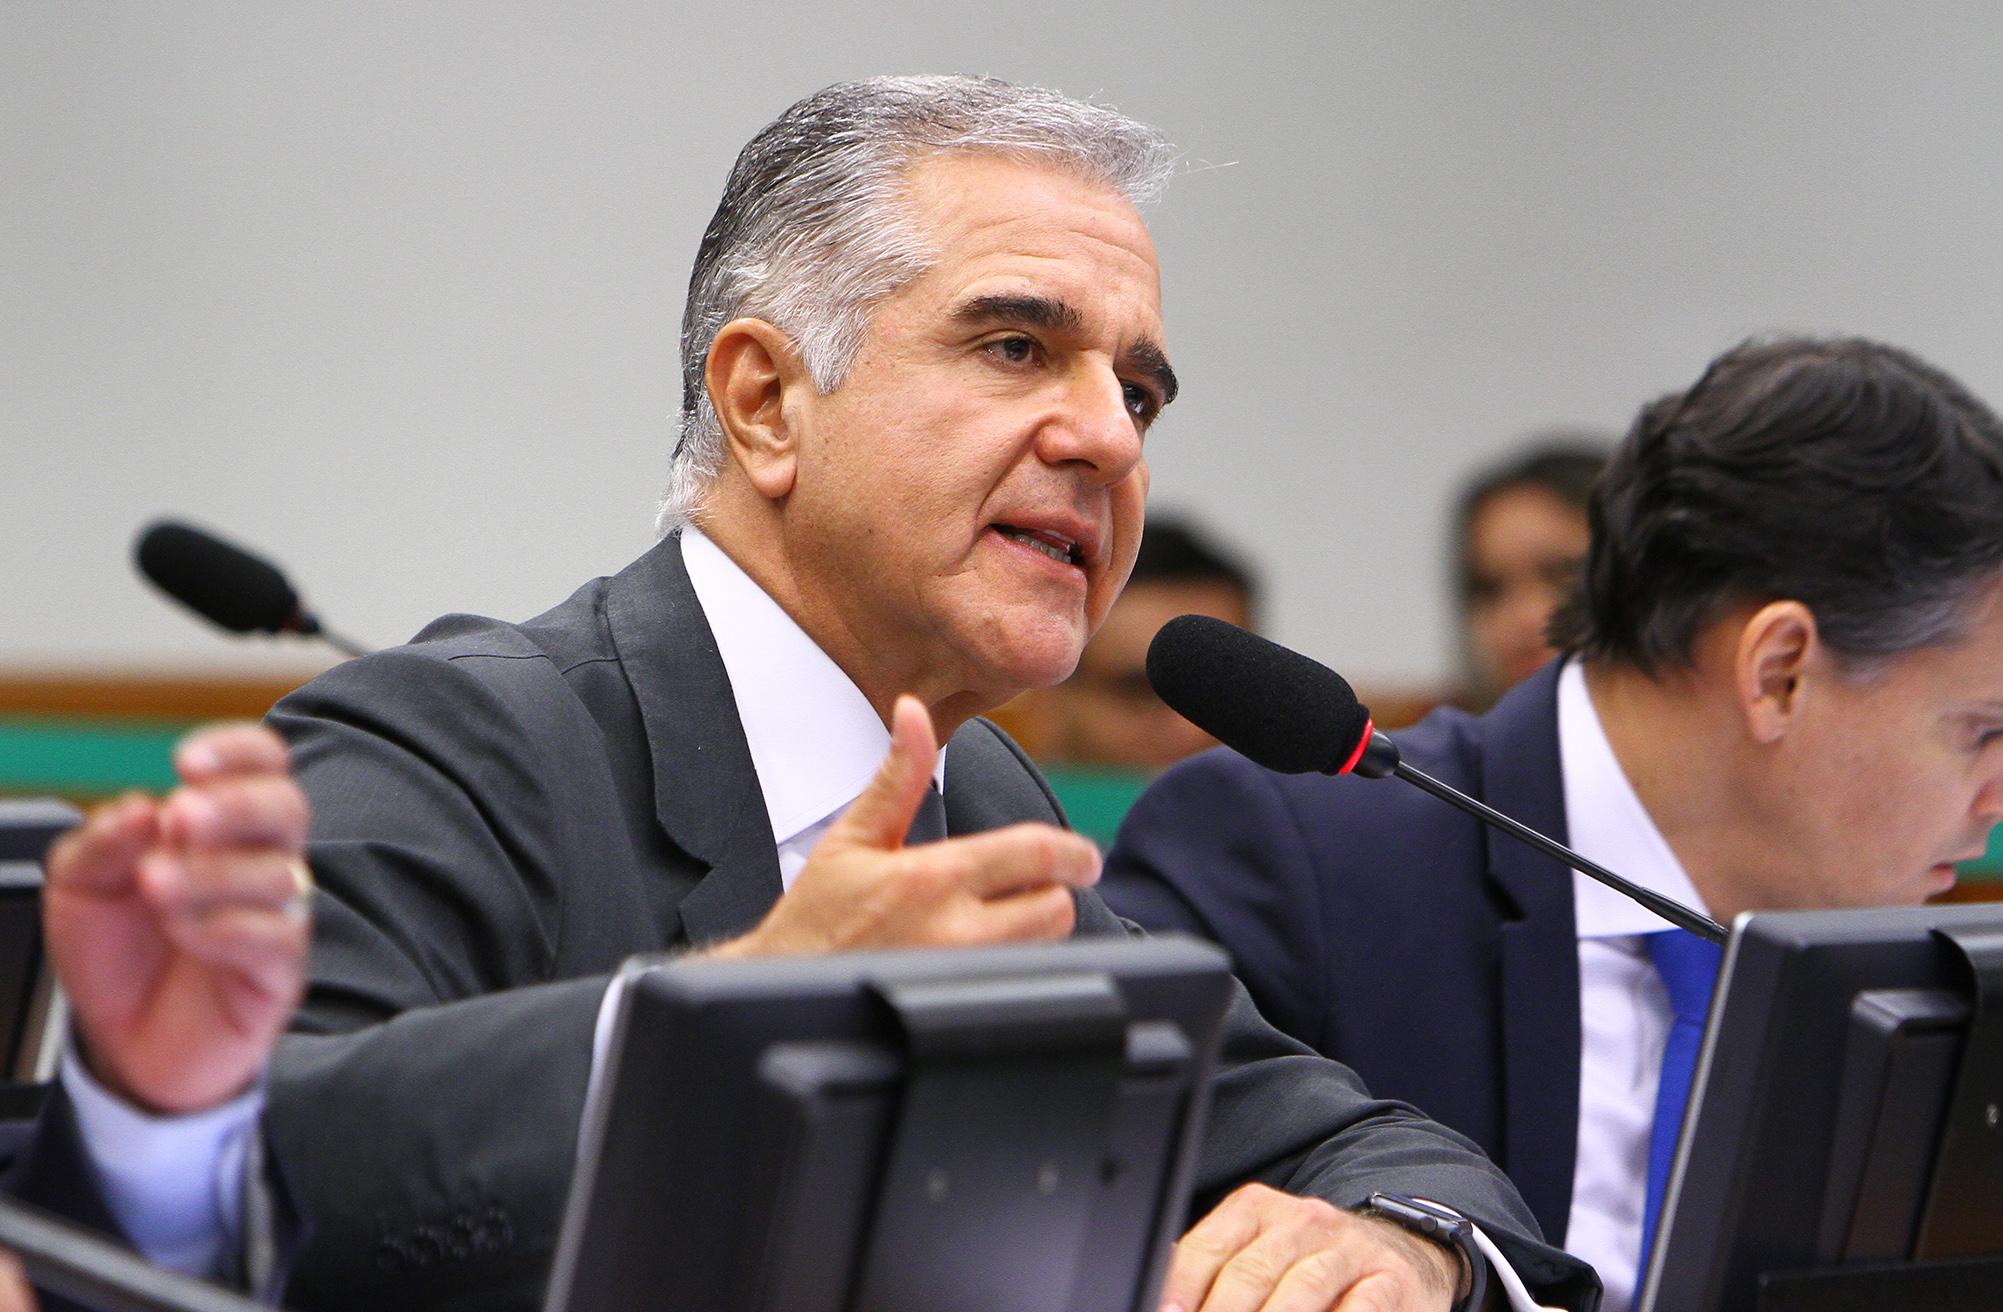 Reunião ordinária com o ministro da Fazenda, Henrique Meirelles. Dep. Júlio Lopes (PP-RJ)